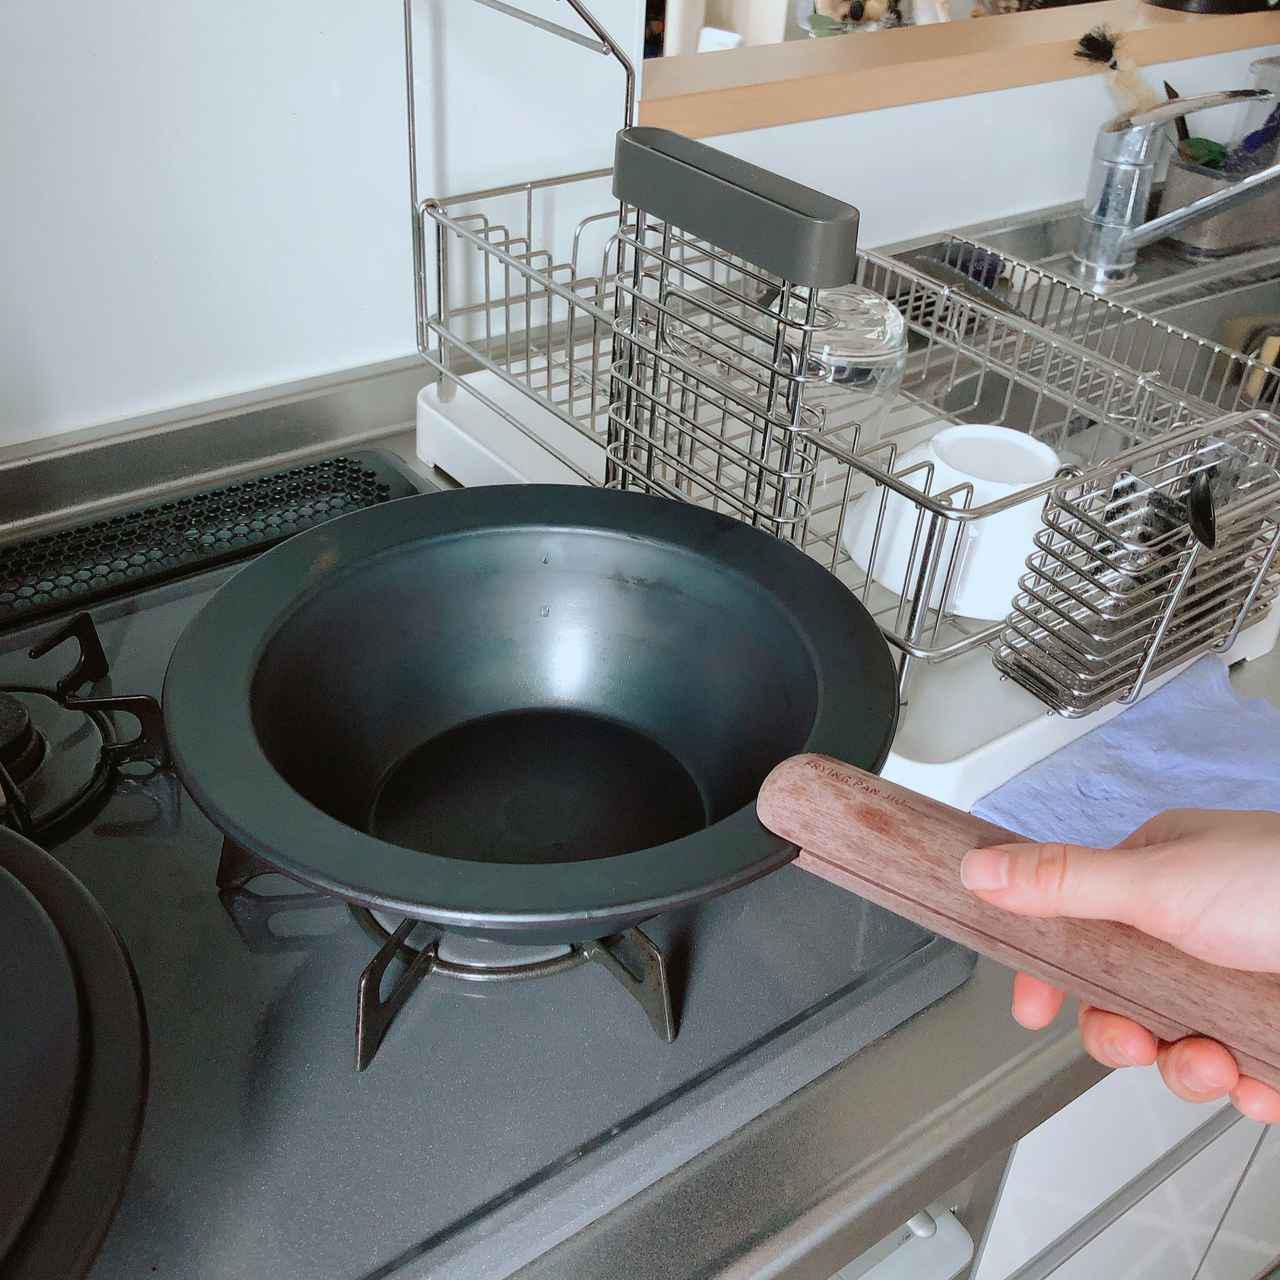 画像2: 洗い物が減るお皿フライパン!おしゃれ評価が高いウワサの鉄フライパン「JIU」を使ってみた